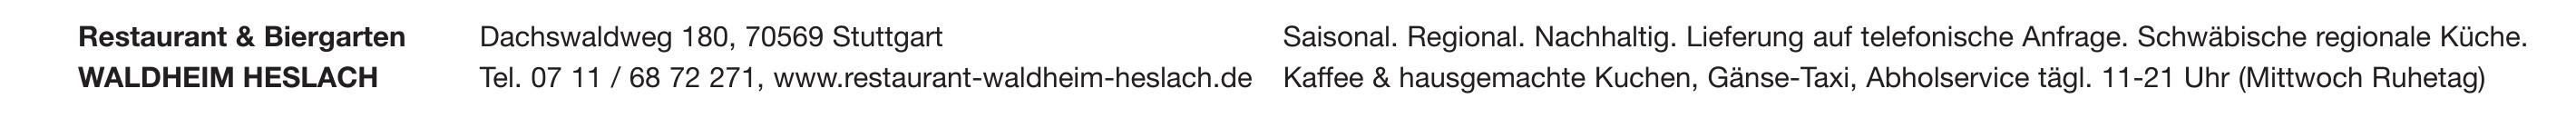 Restaurant & Biergarten WALDHEIM HESLACH